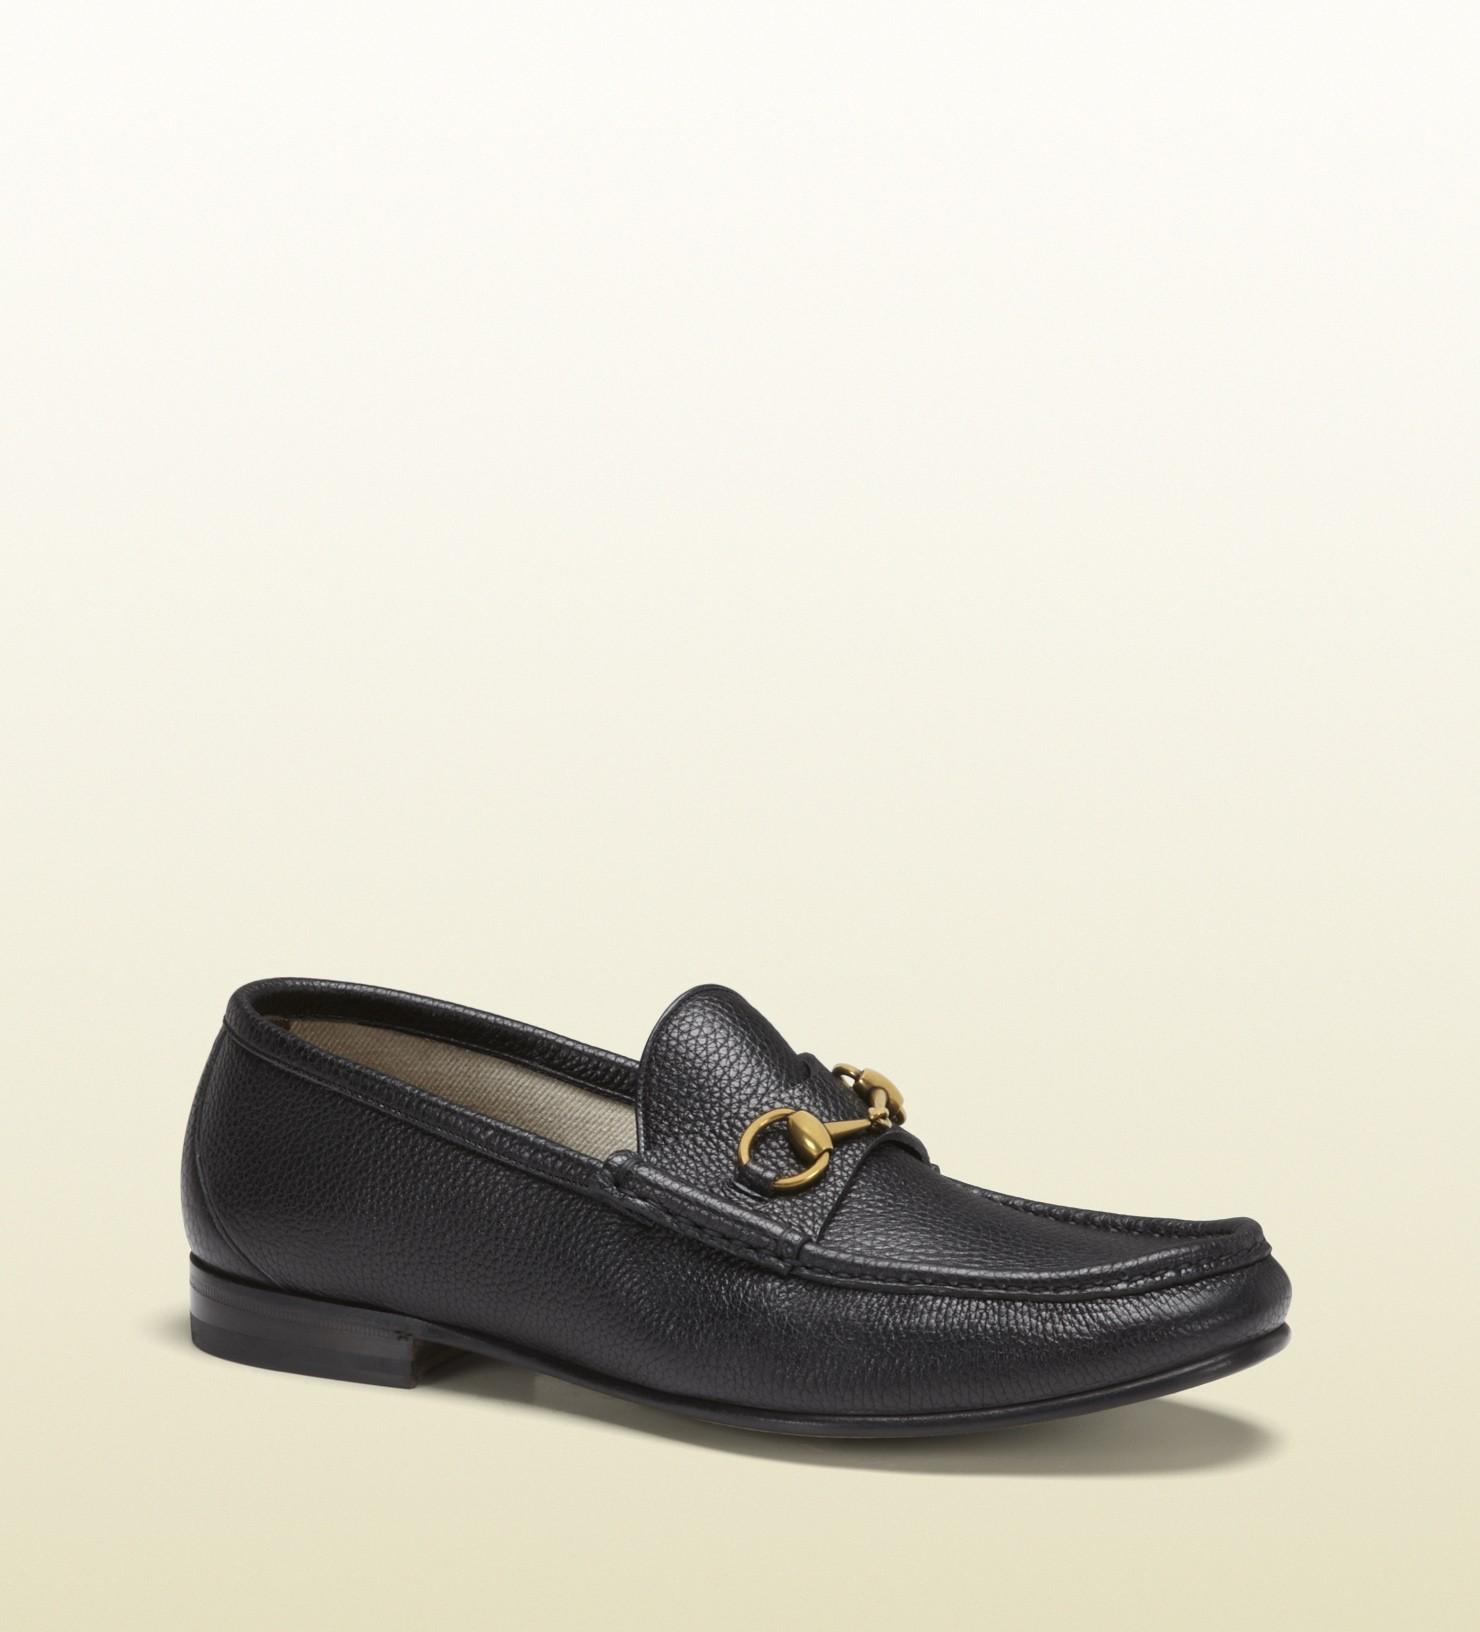 1cf1056a6df GUCCI 1953 Horsebit Loafer